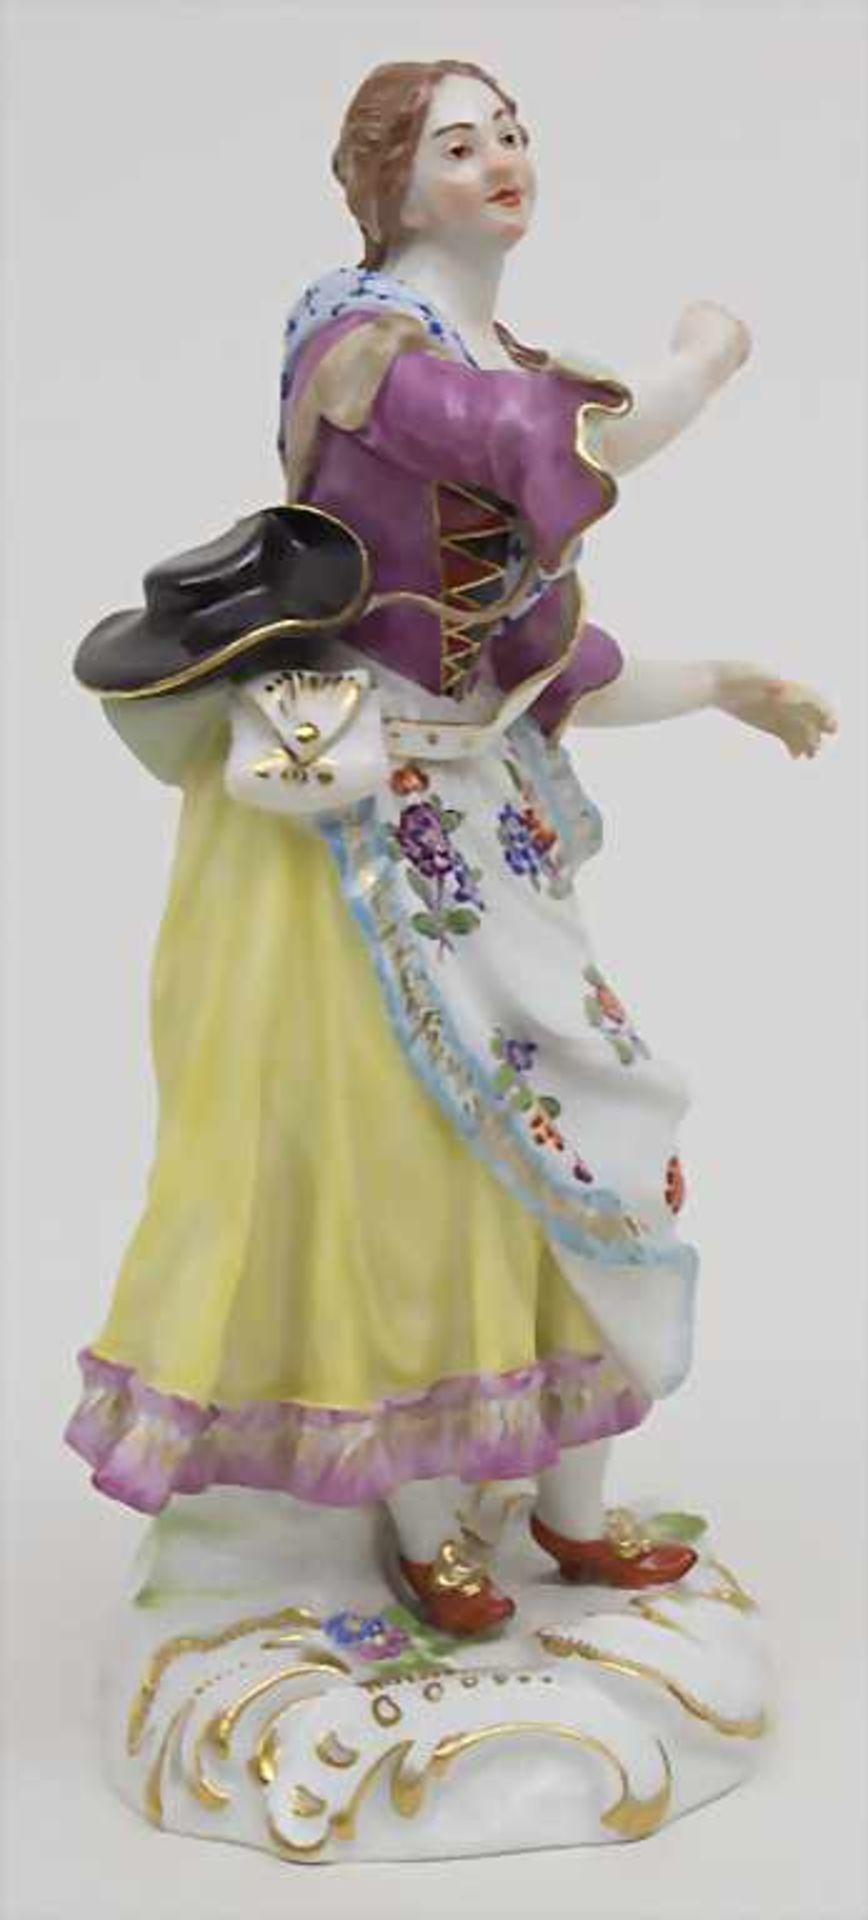 Schäferin mit hohem Henkelgefäß / A figure of a shepherdess with huge jug, Meissen, Mitte 20. Jh. - Bild 2 aus 6